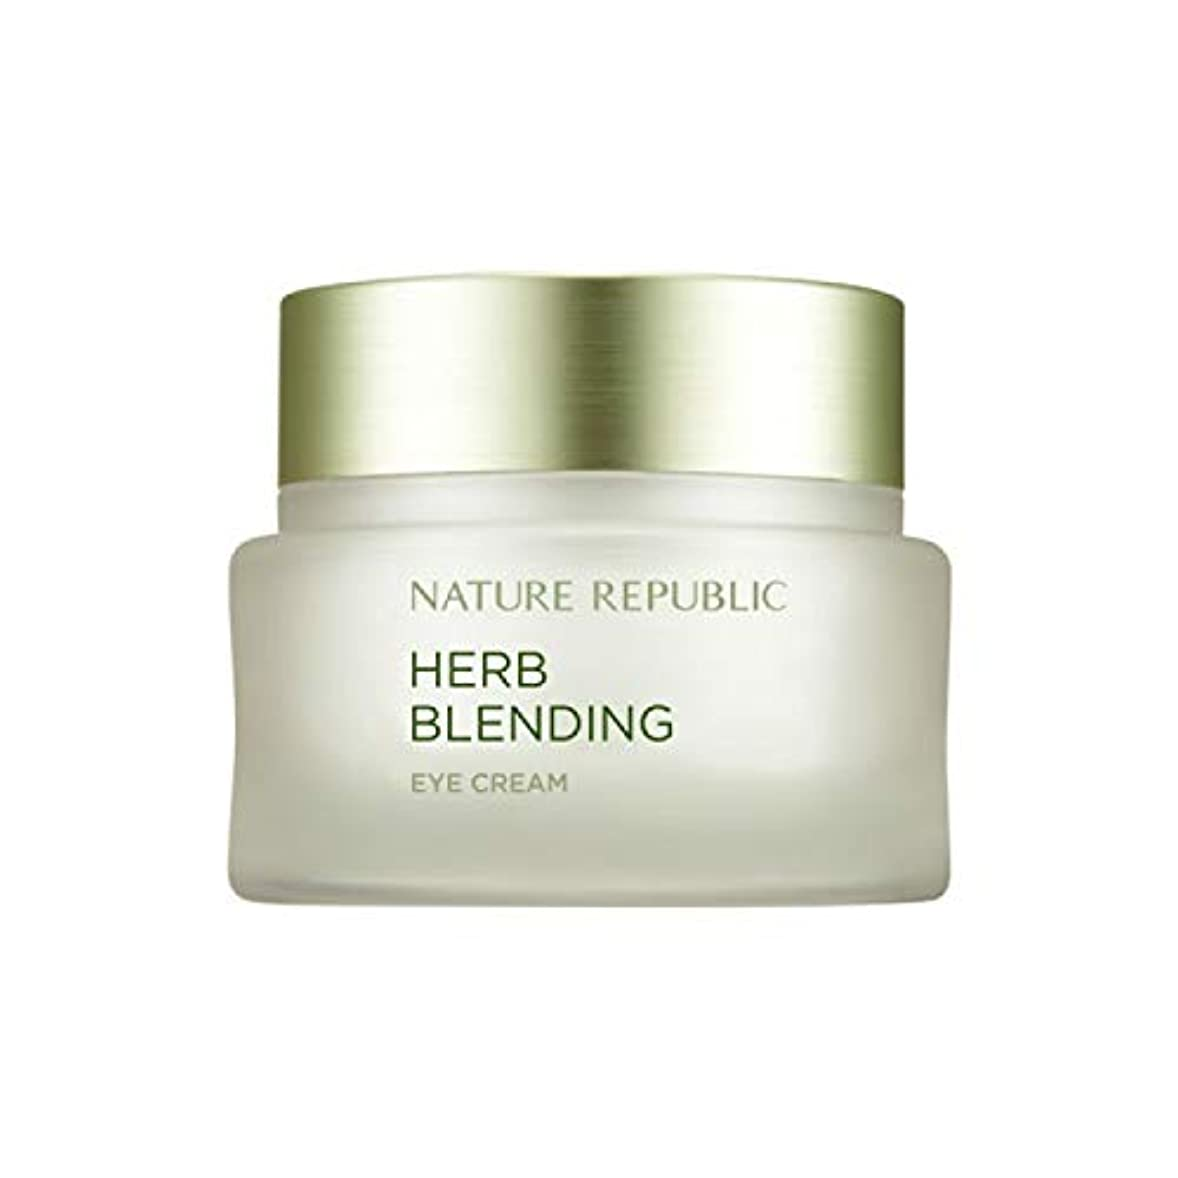 妻独裁荒らすネイチャーリパブリック(Nature Republic)ハブブレンドアイクリーム 25ml / Herb Blending Eye Cream 25ml :: 韓国コスメ [並行輸入品]